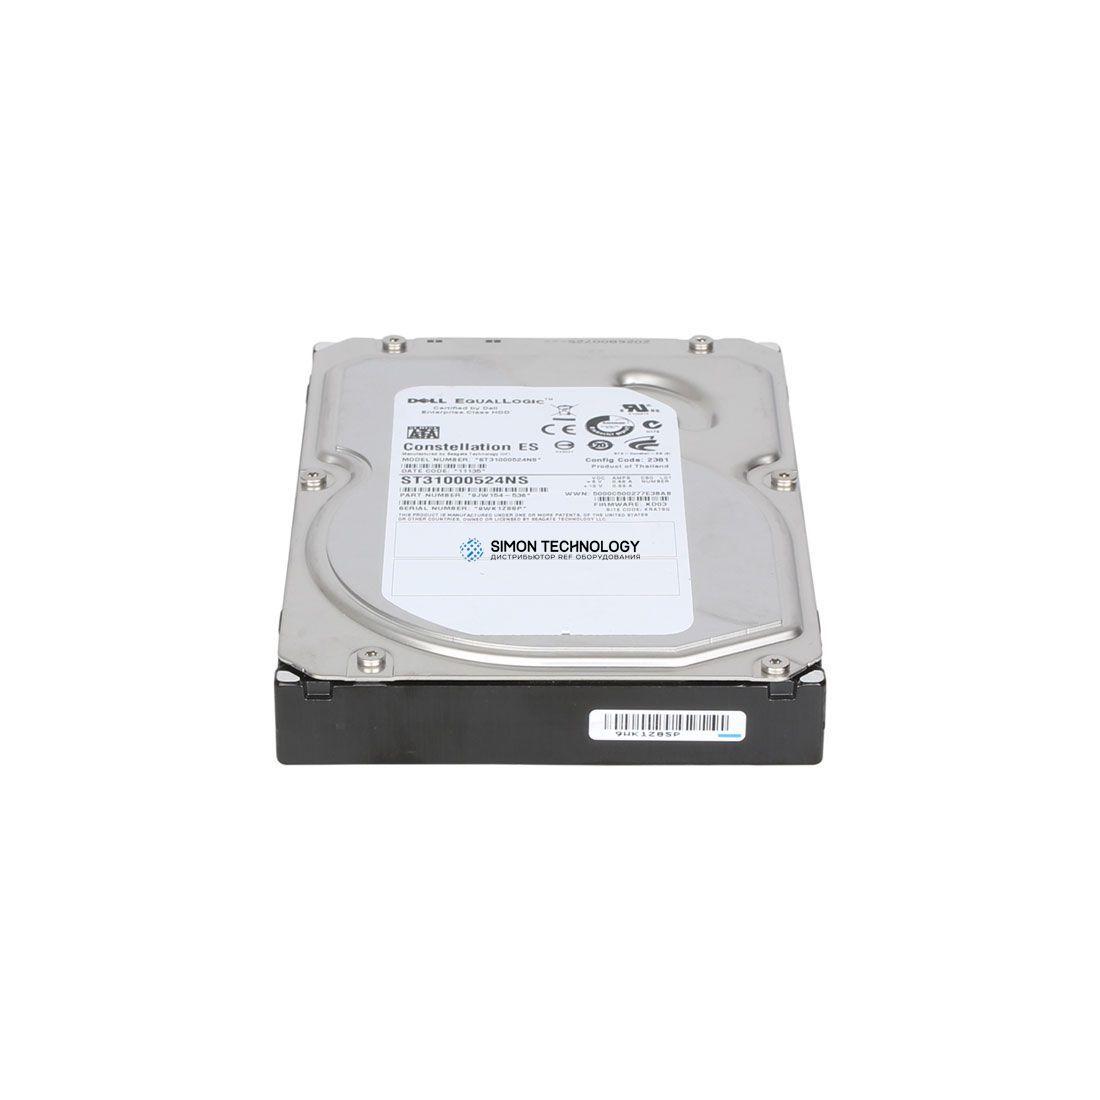 Dell DELL EQUALLOGIC 1TB 7.2K 3.5INCH SATA HDD (0K7NJ0)